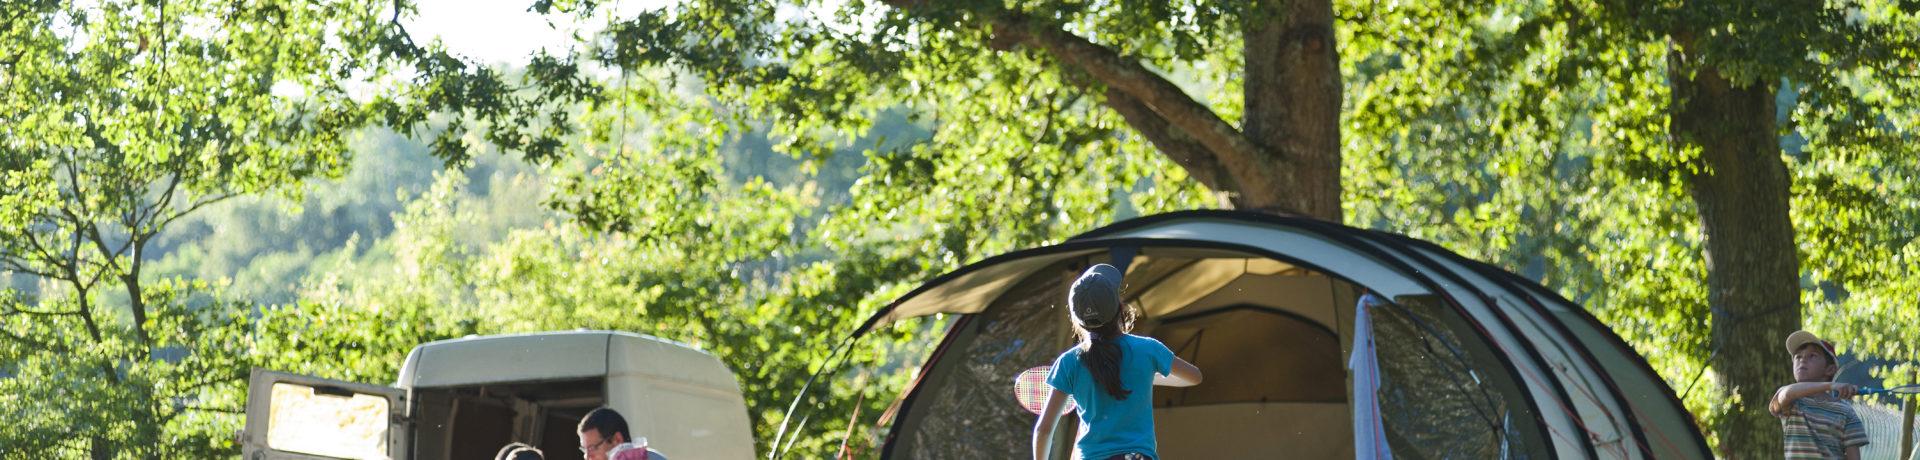 Camping Huttopia Les Châteaux in Bracieux is een natuurcamping in Centre-Val de Loire gelegen aan een rivier in het departement Loir-et-Cher.